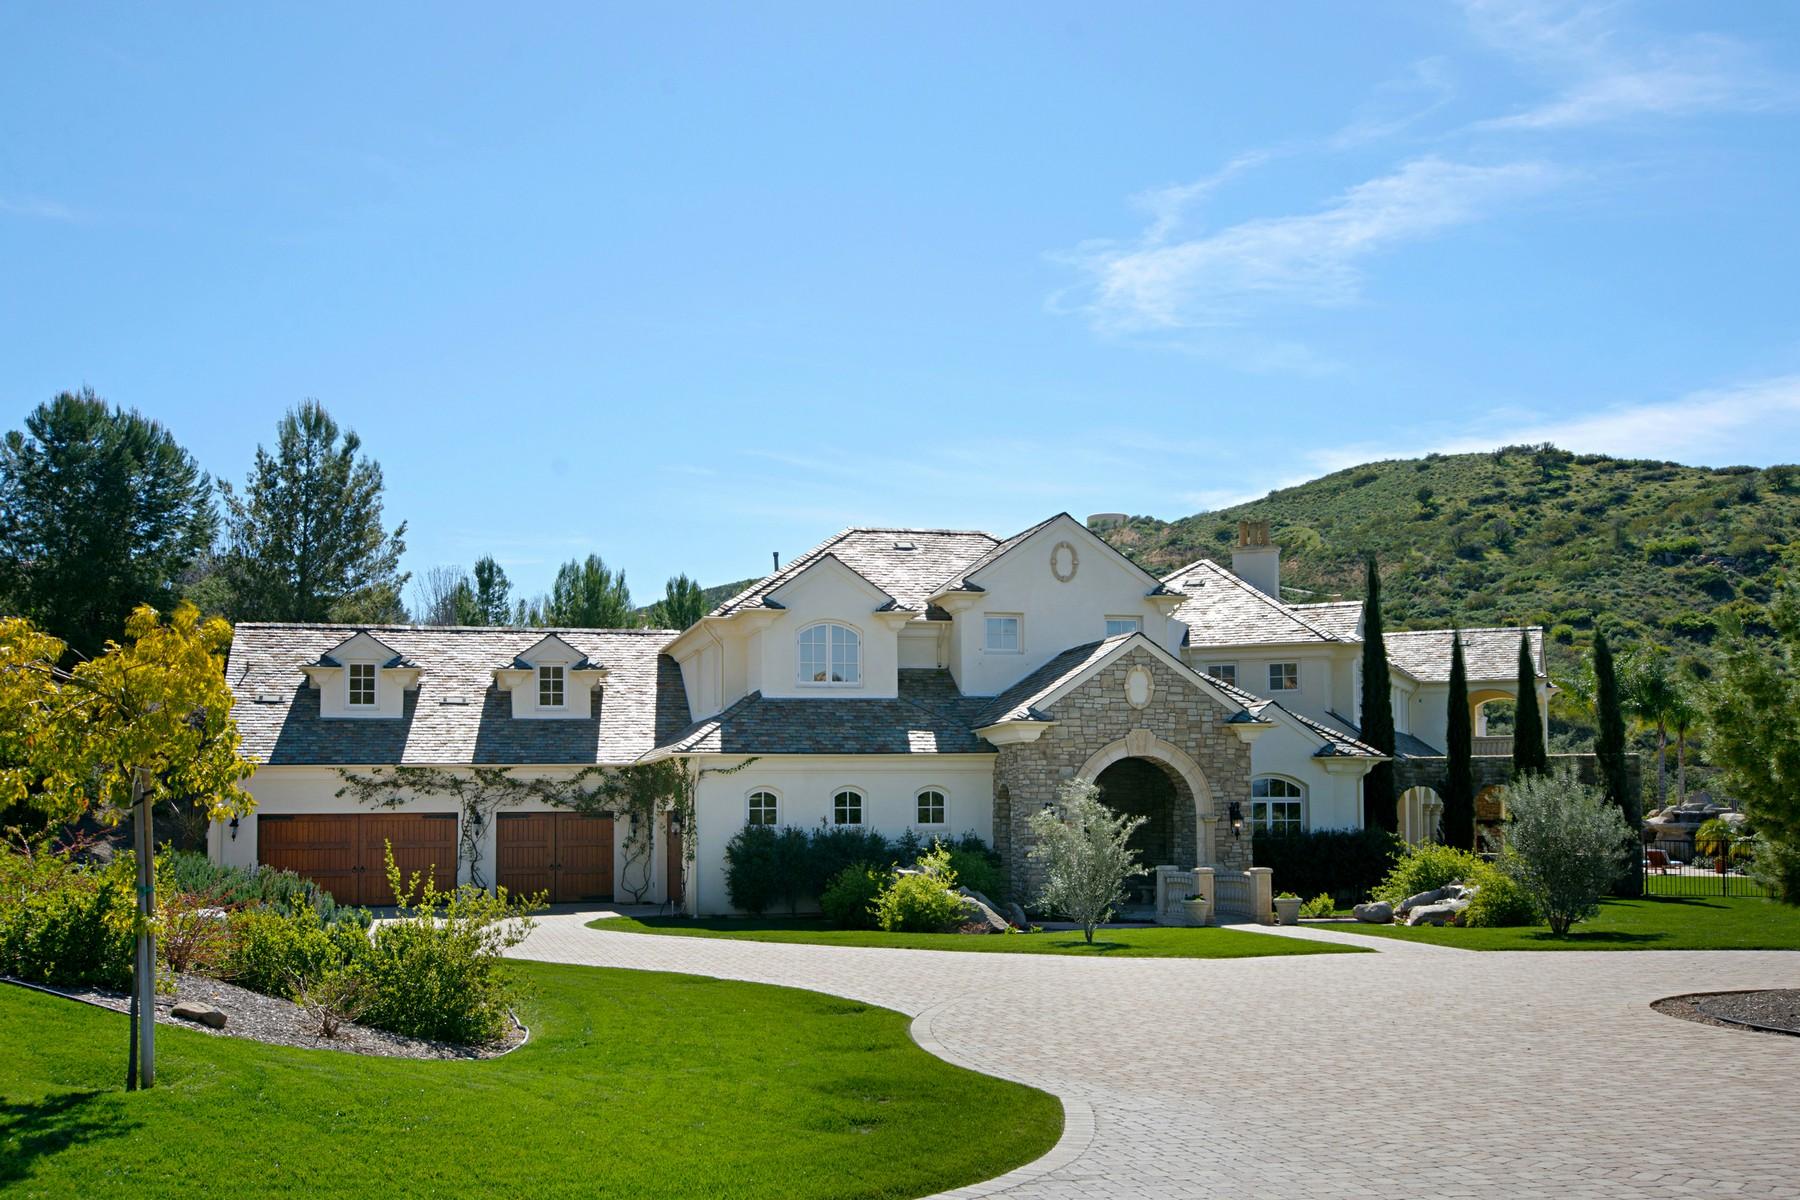 一戸建て のために 売買 アット 18781 Heritage Drive Poway, カリフォルニア, 92064 アメリカ合衆国